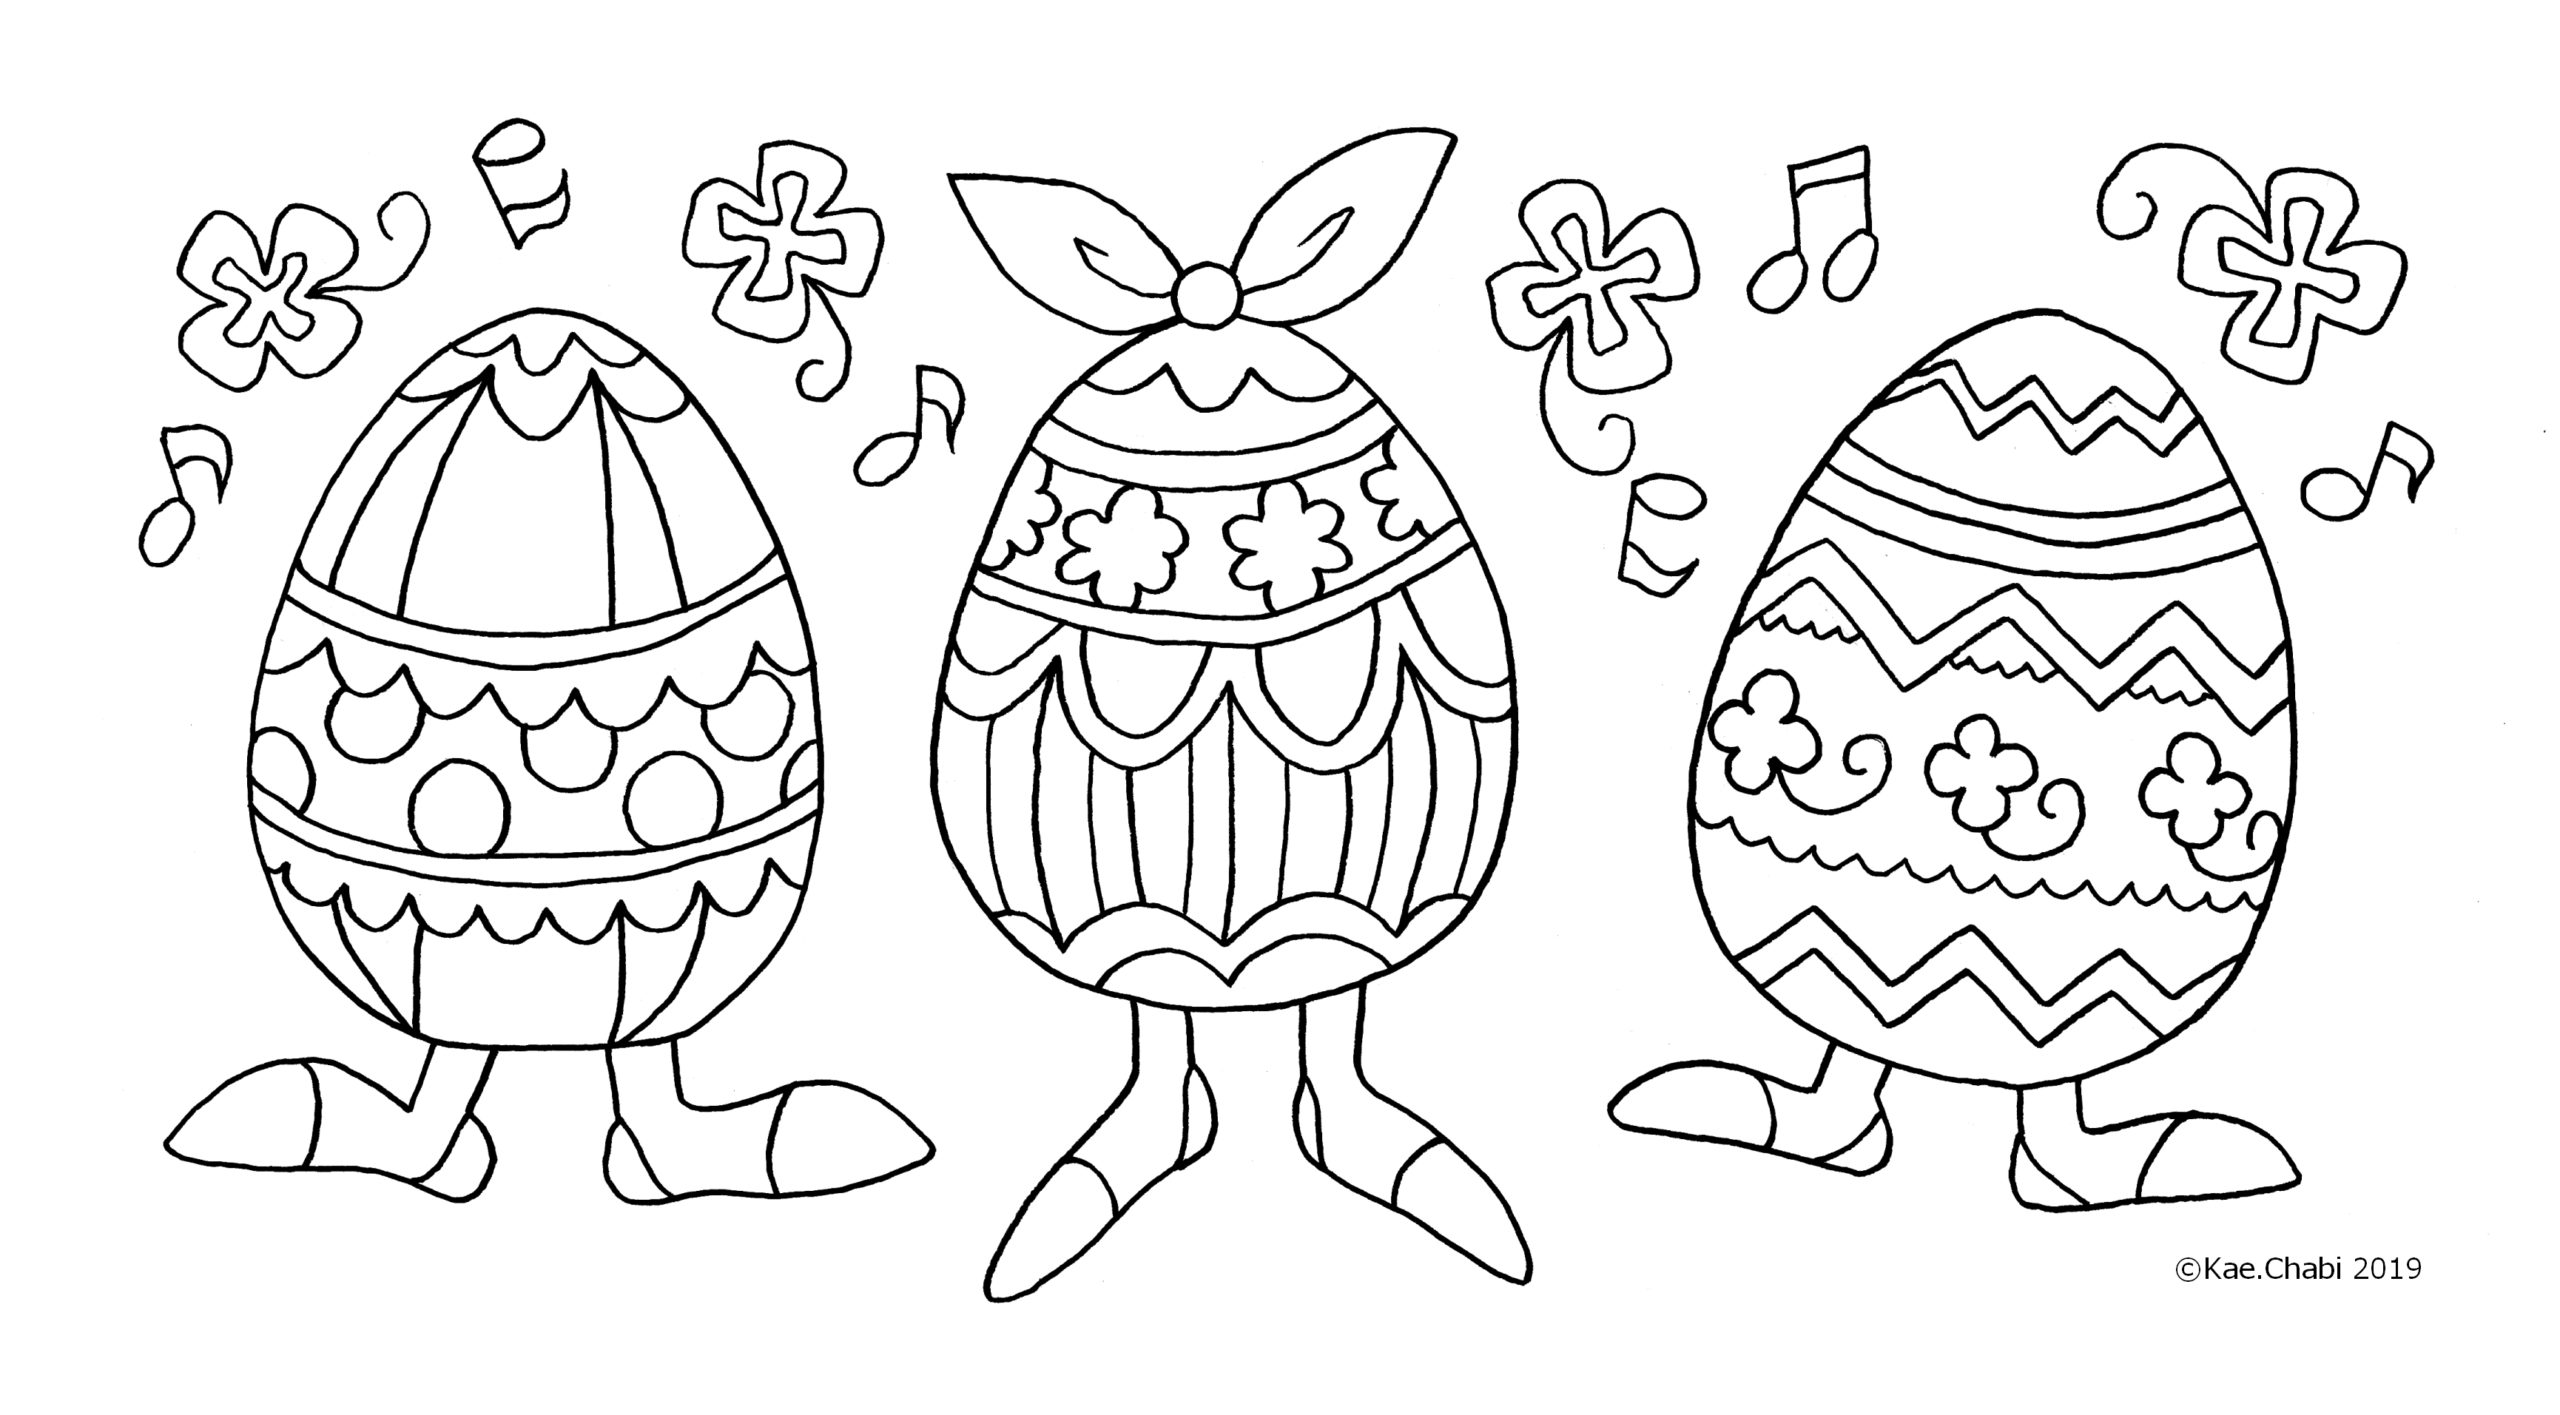 4月のイベントぬりえ イースター イースターエッグ ウサギ カラフル タマゴ 塗り絵線画 かえちゃびのぬりえカレンダー